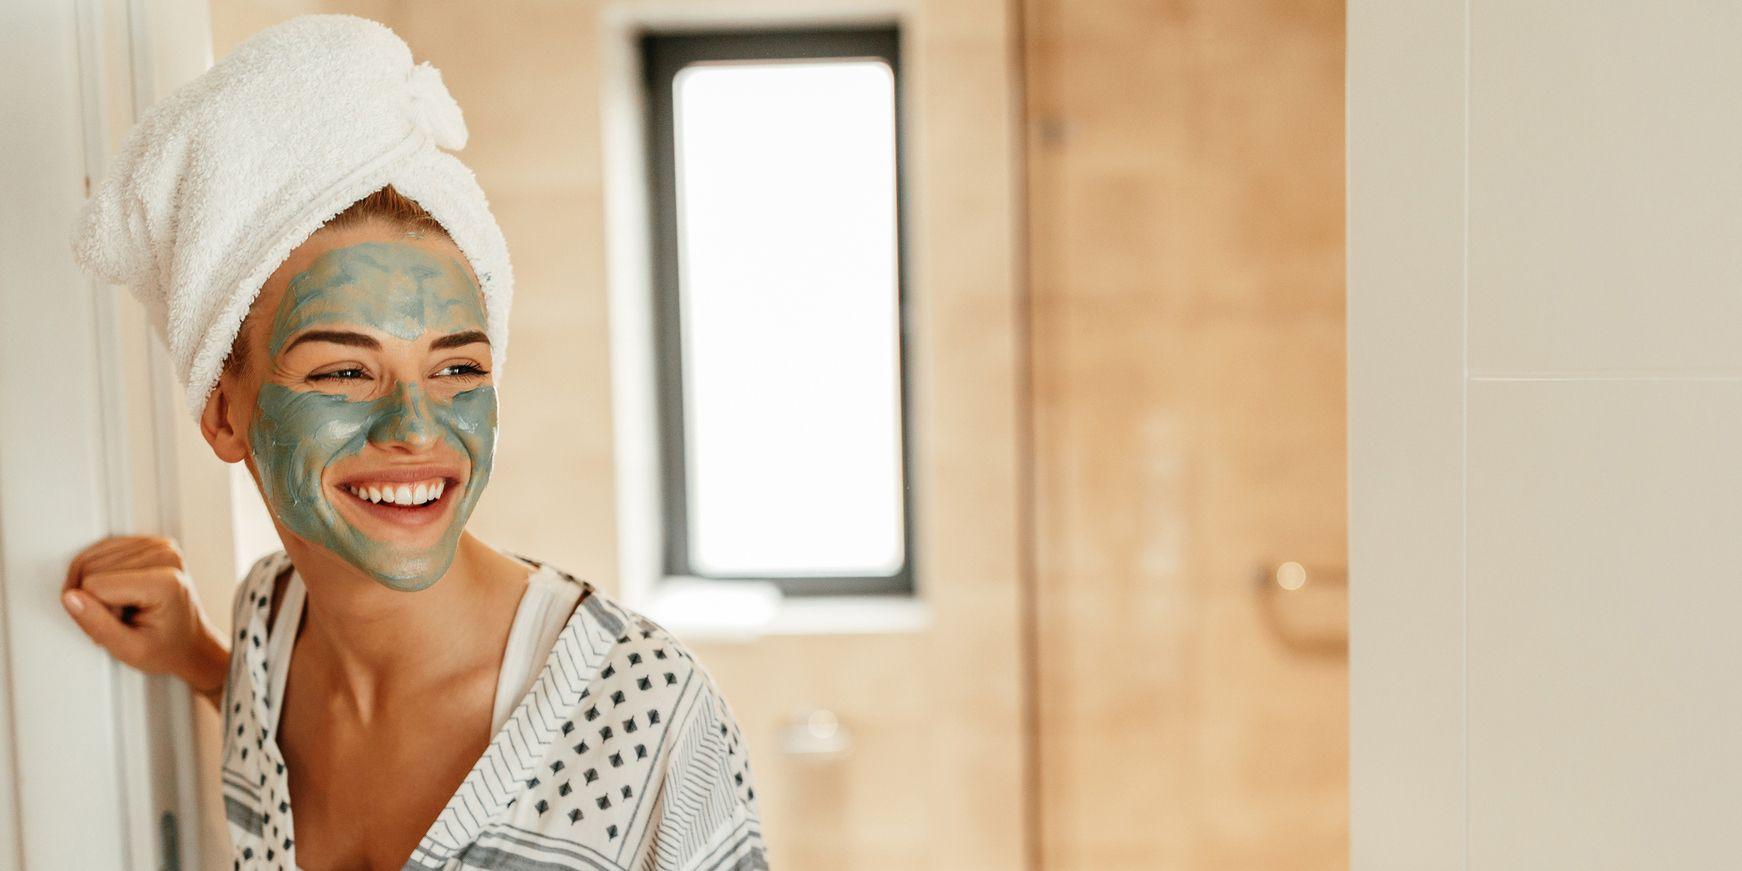 Una ragazza in bagno fa una maschera per eliminare i punti neri